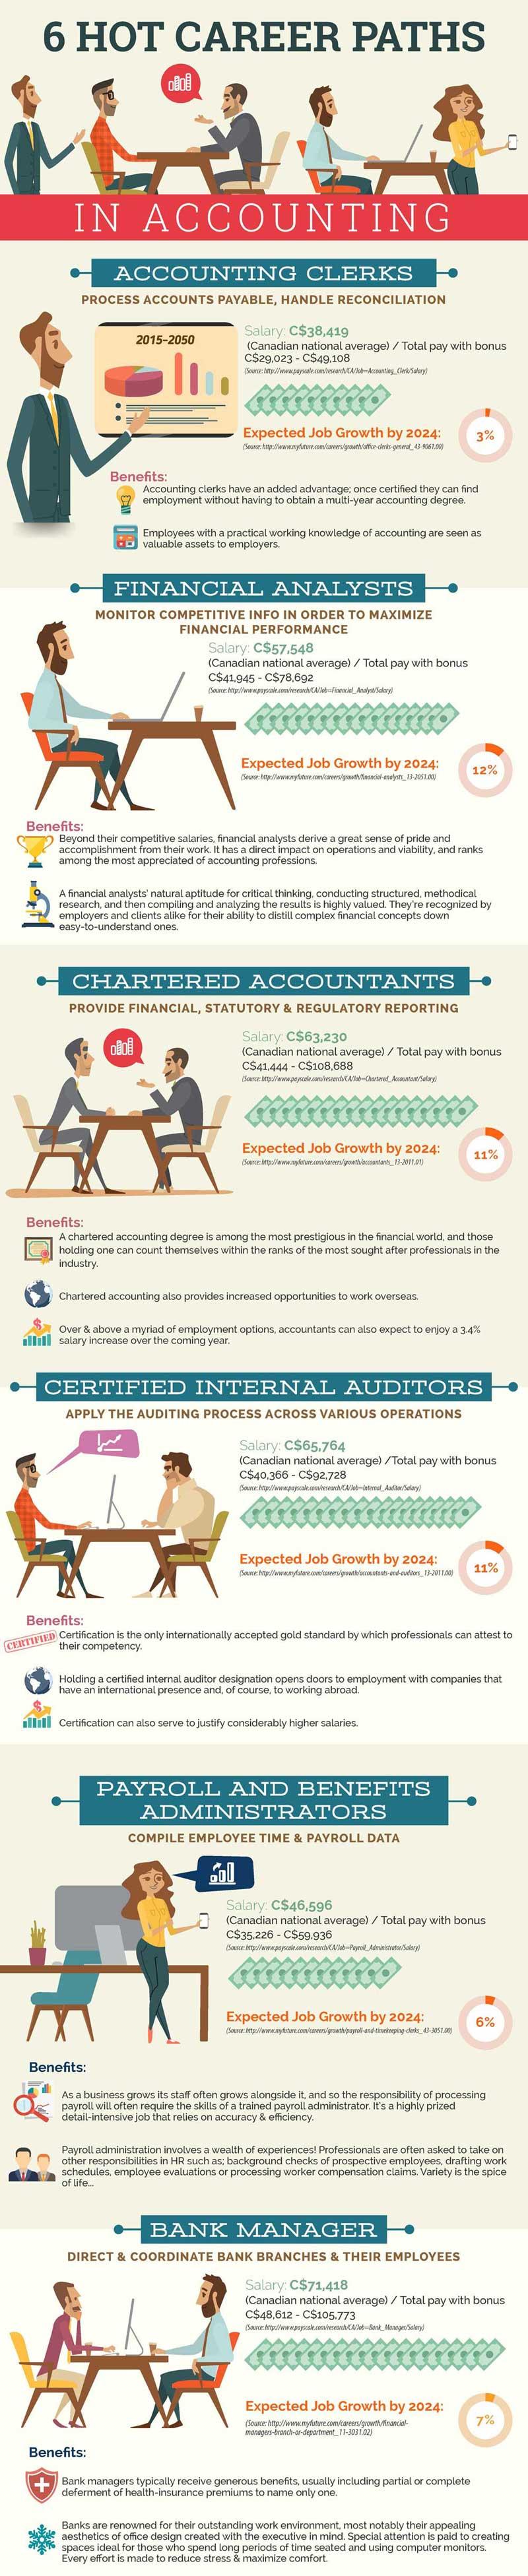 Melakukan evaluasi kelangsungan hidup perusahaan. 6 Hot Career Paths in Accounting Infographic - The